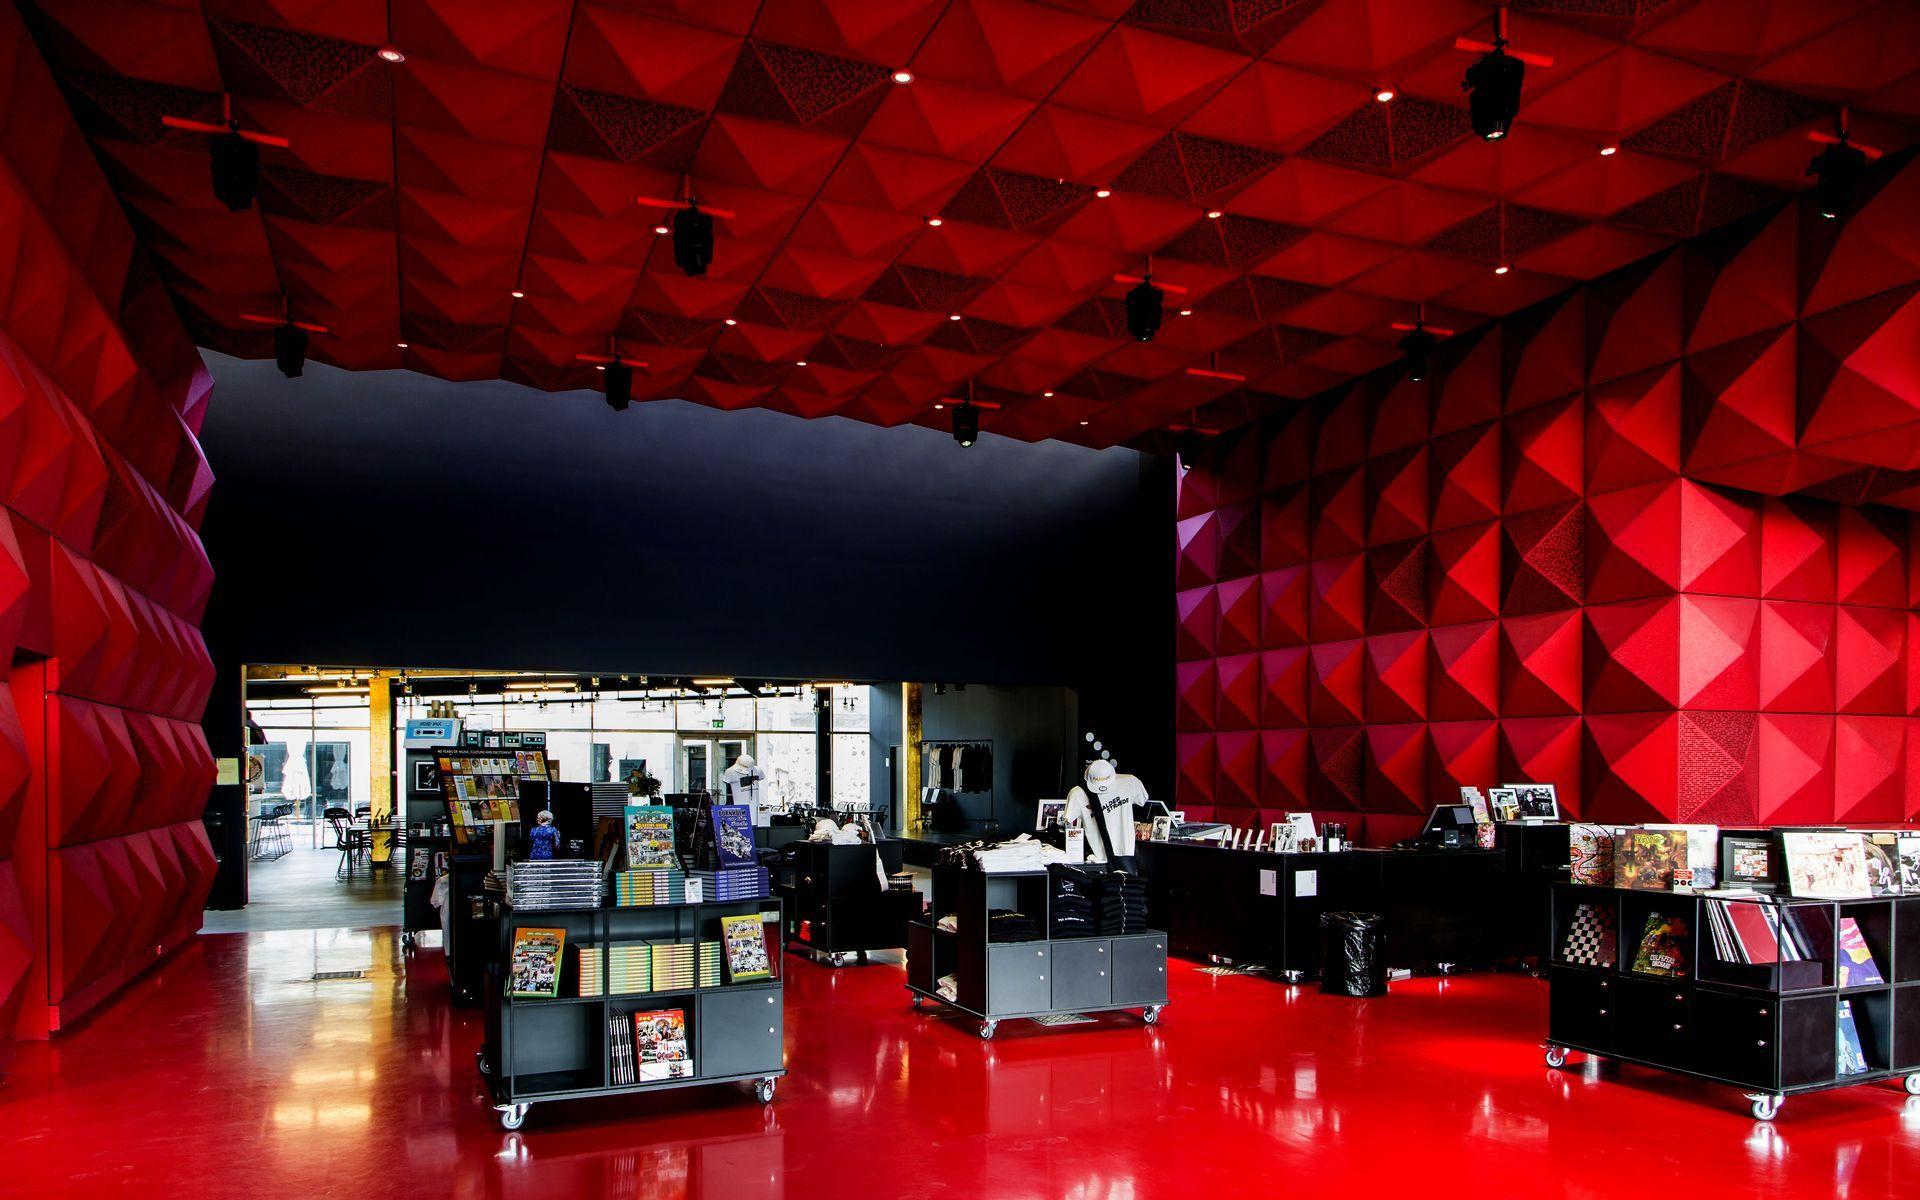 RAGNAROCKs røde foyer og butik